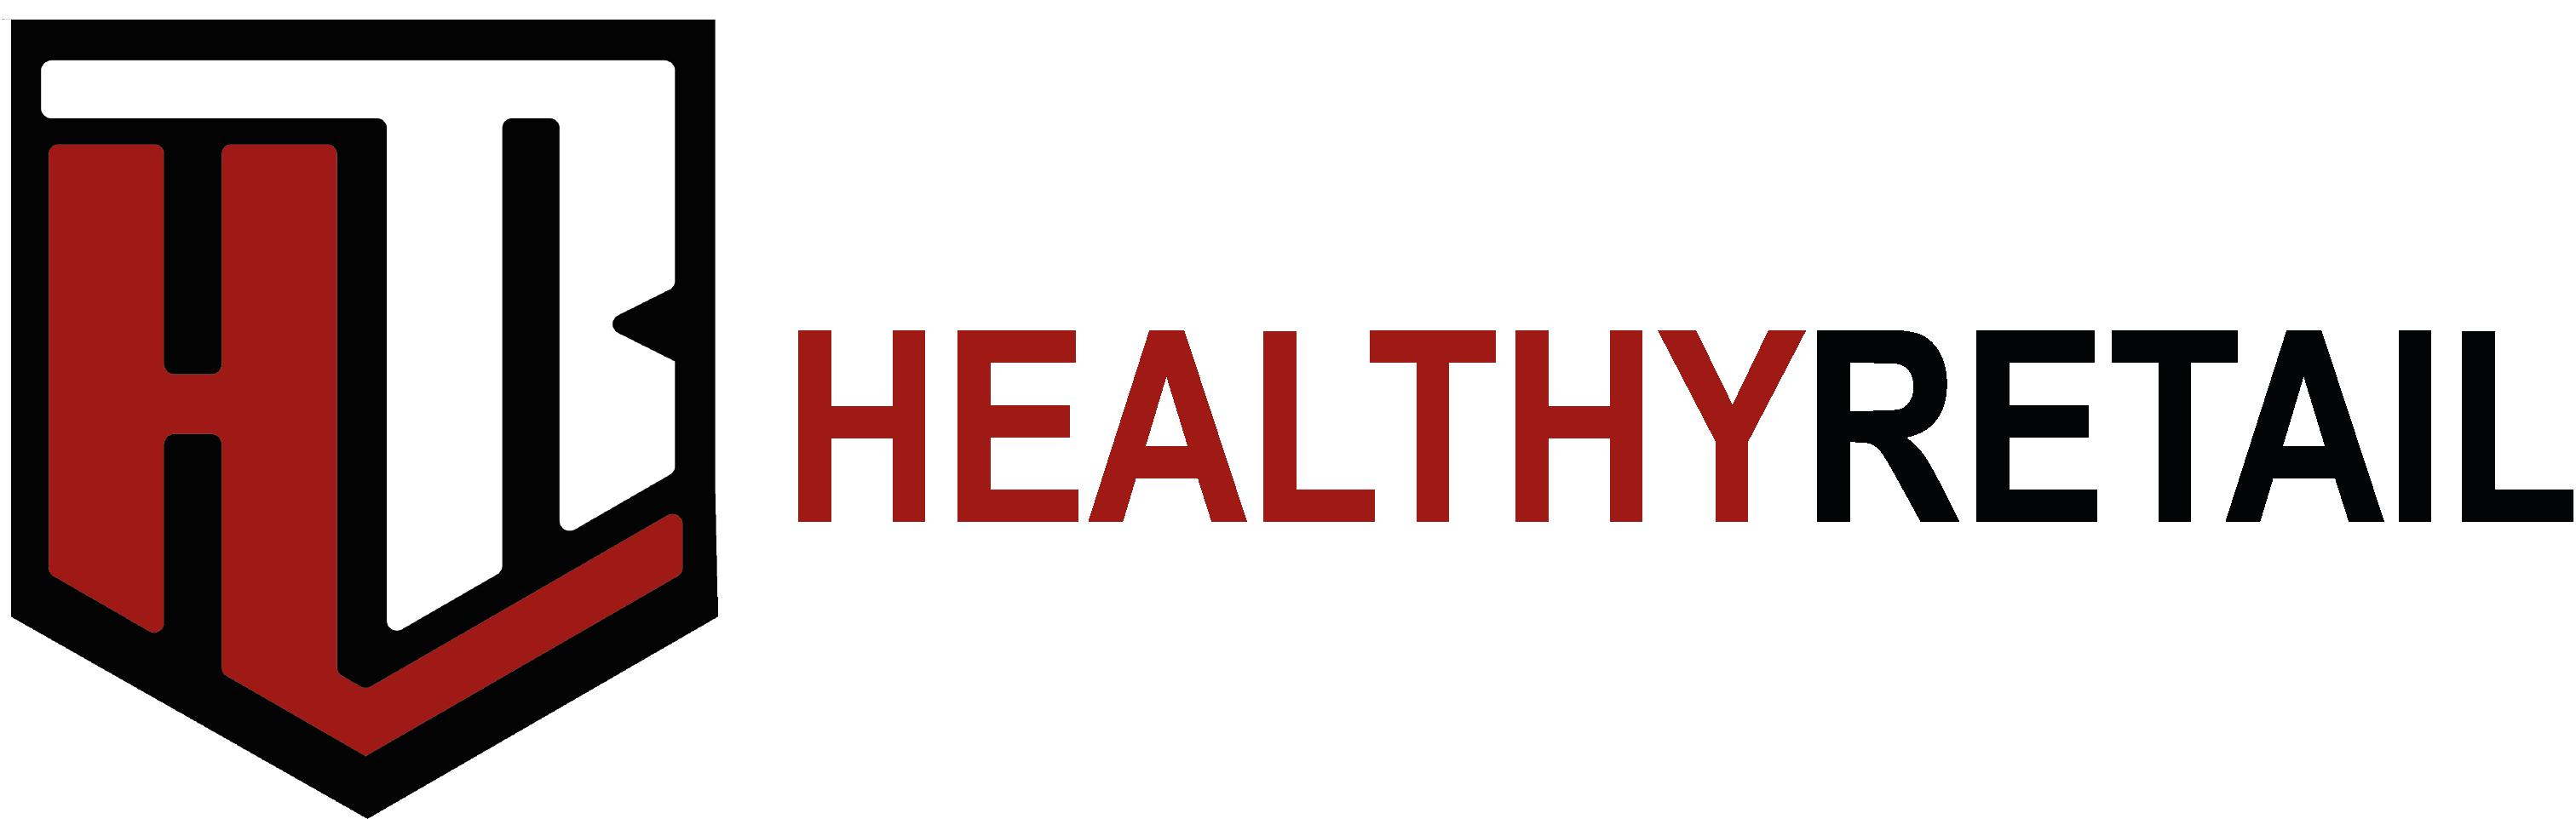 Healthy Retail - Uw groothandel in zelftesters!